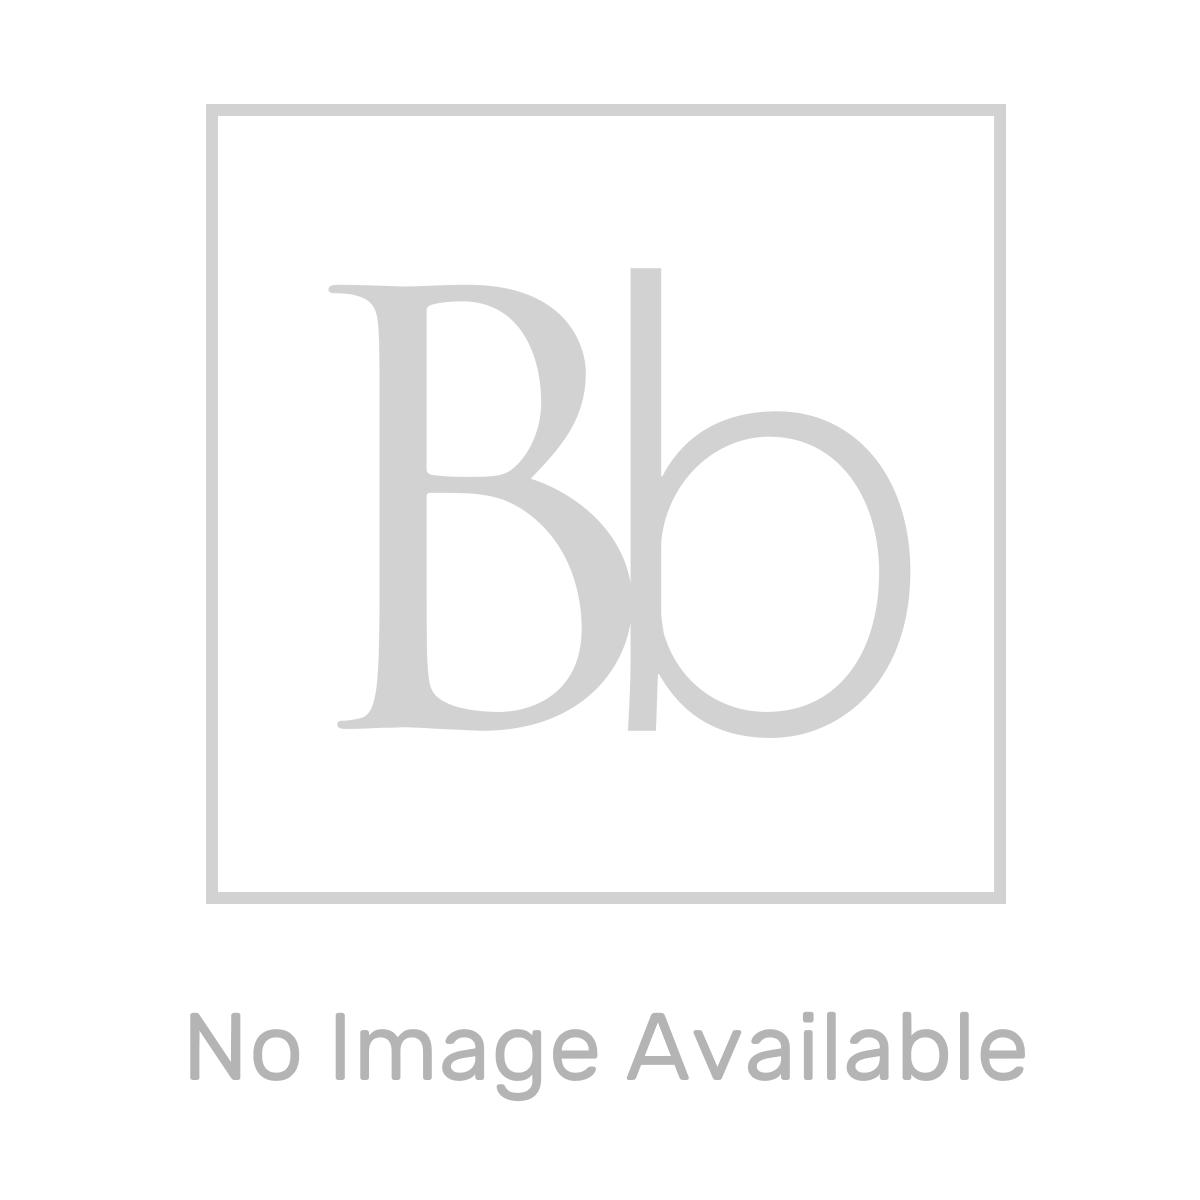 Aquadart Venturi 8 Pivot Shower Door with Optional Side Panel